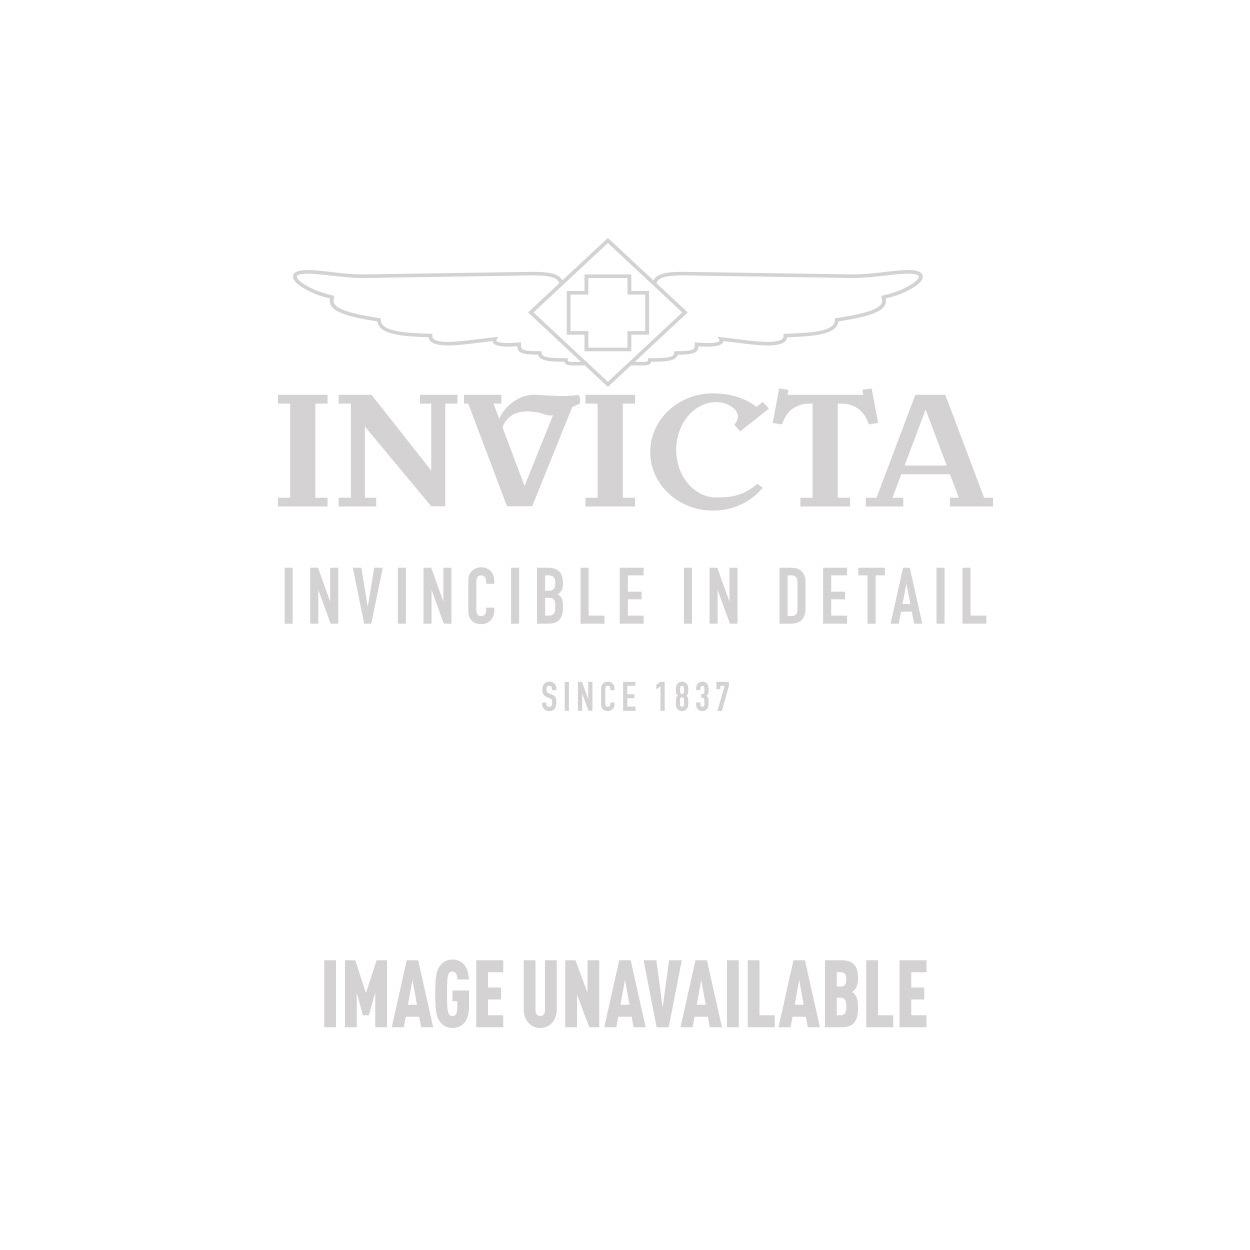 Invicta Model 28856